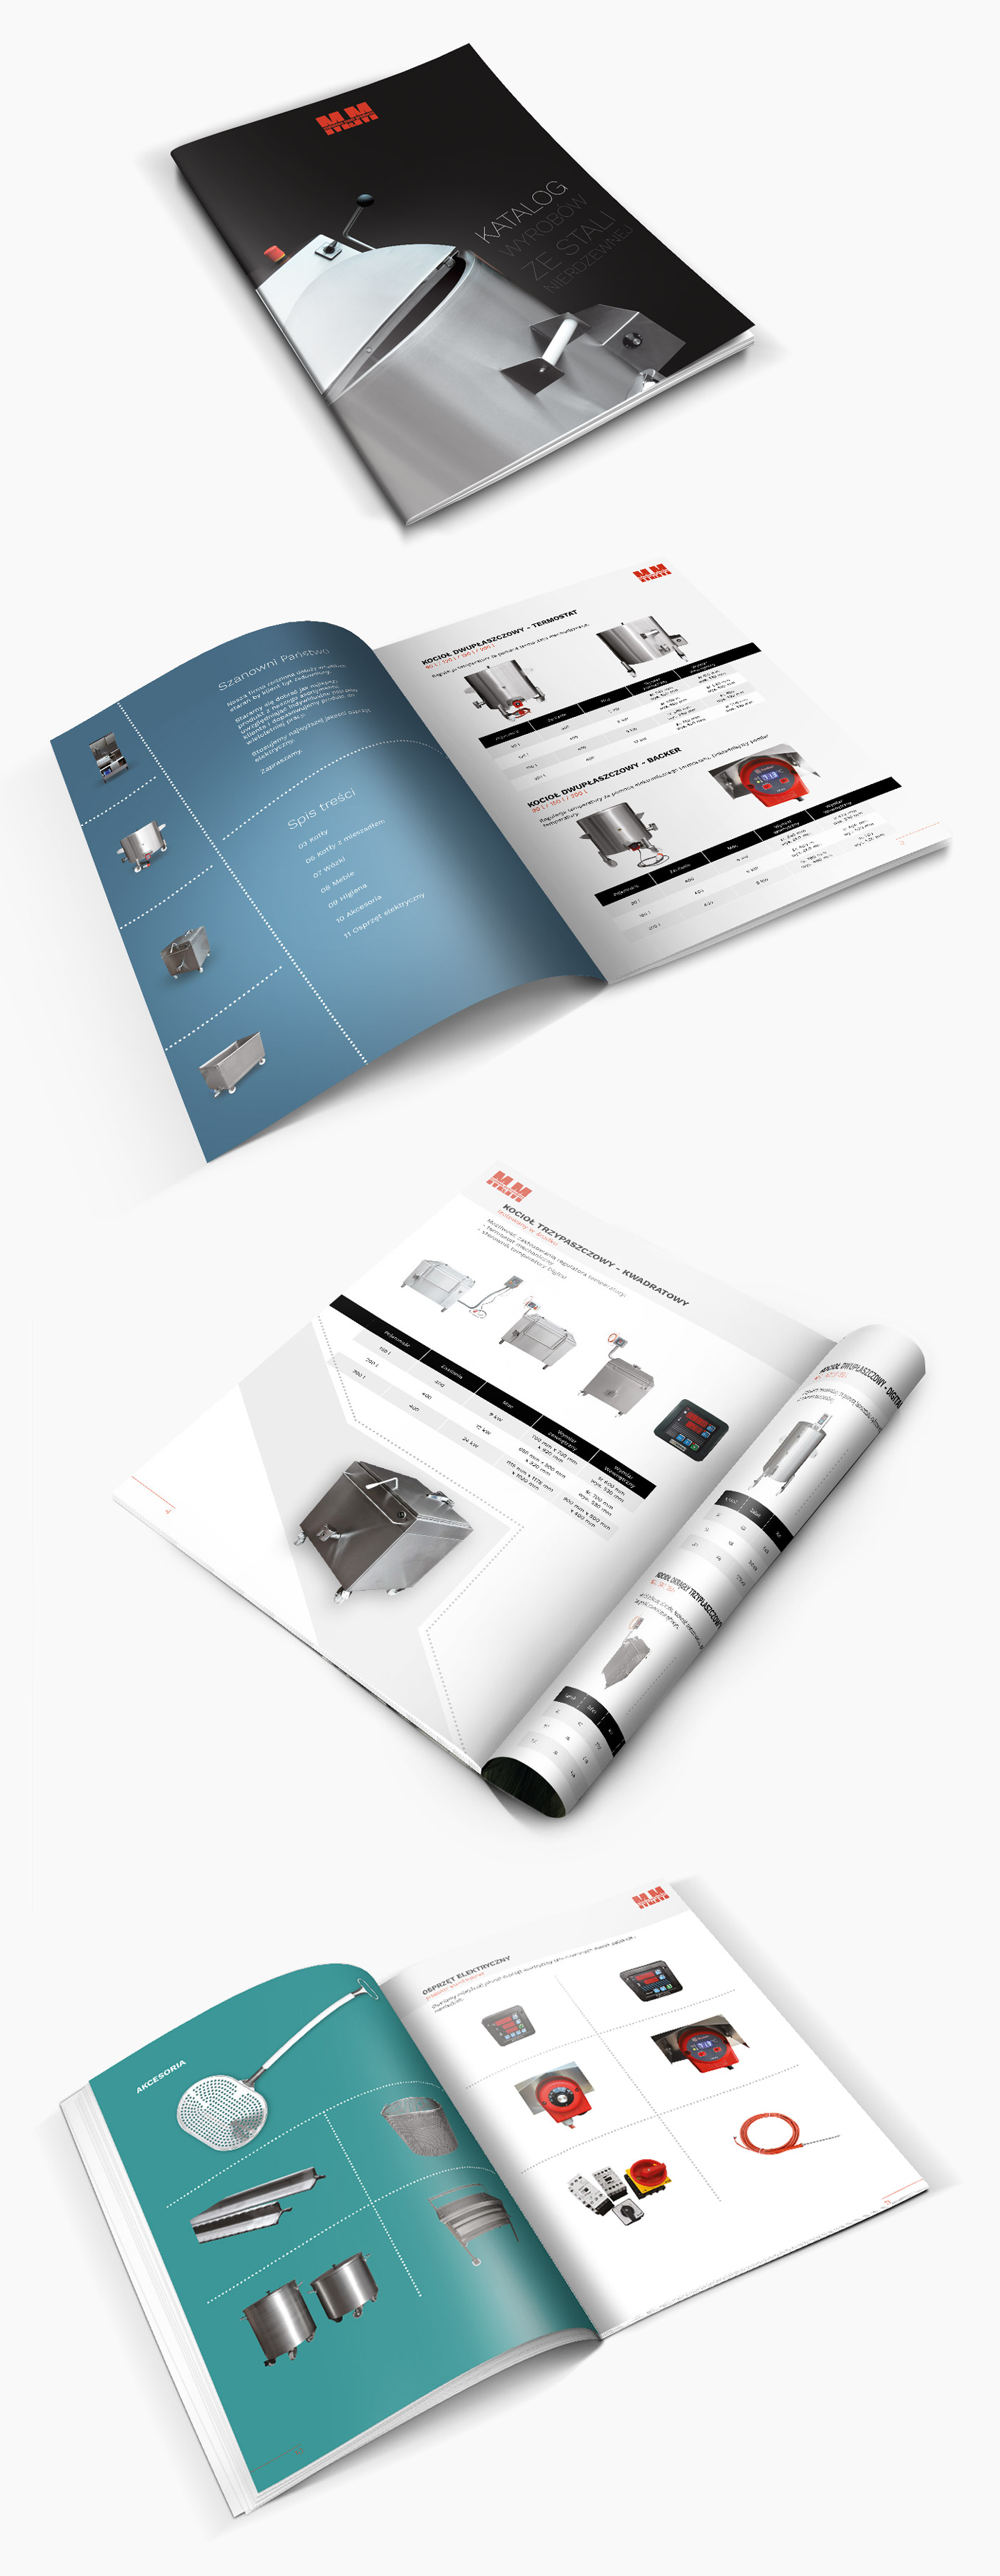 MM Stal - projekt broszury katalogu produktów w ramach działu poligrafii Weblider